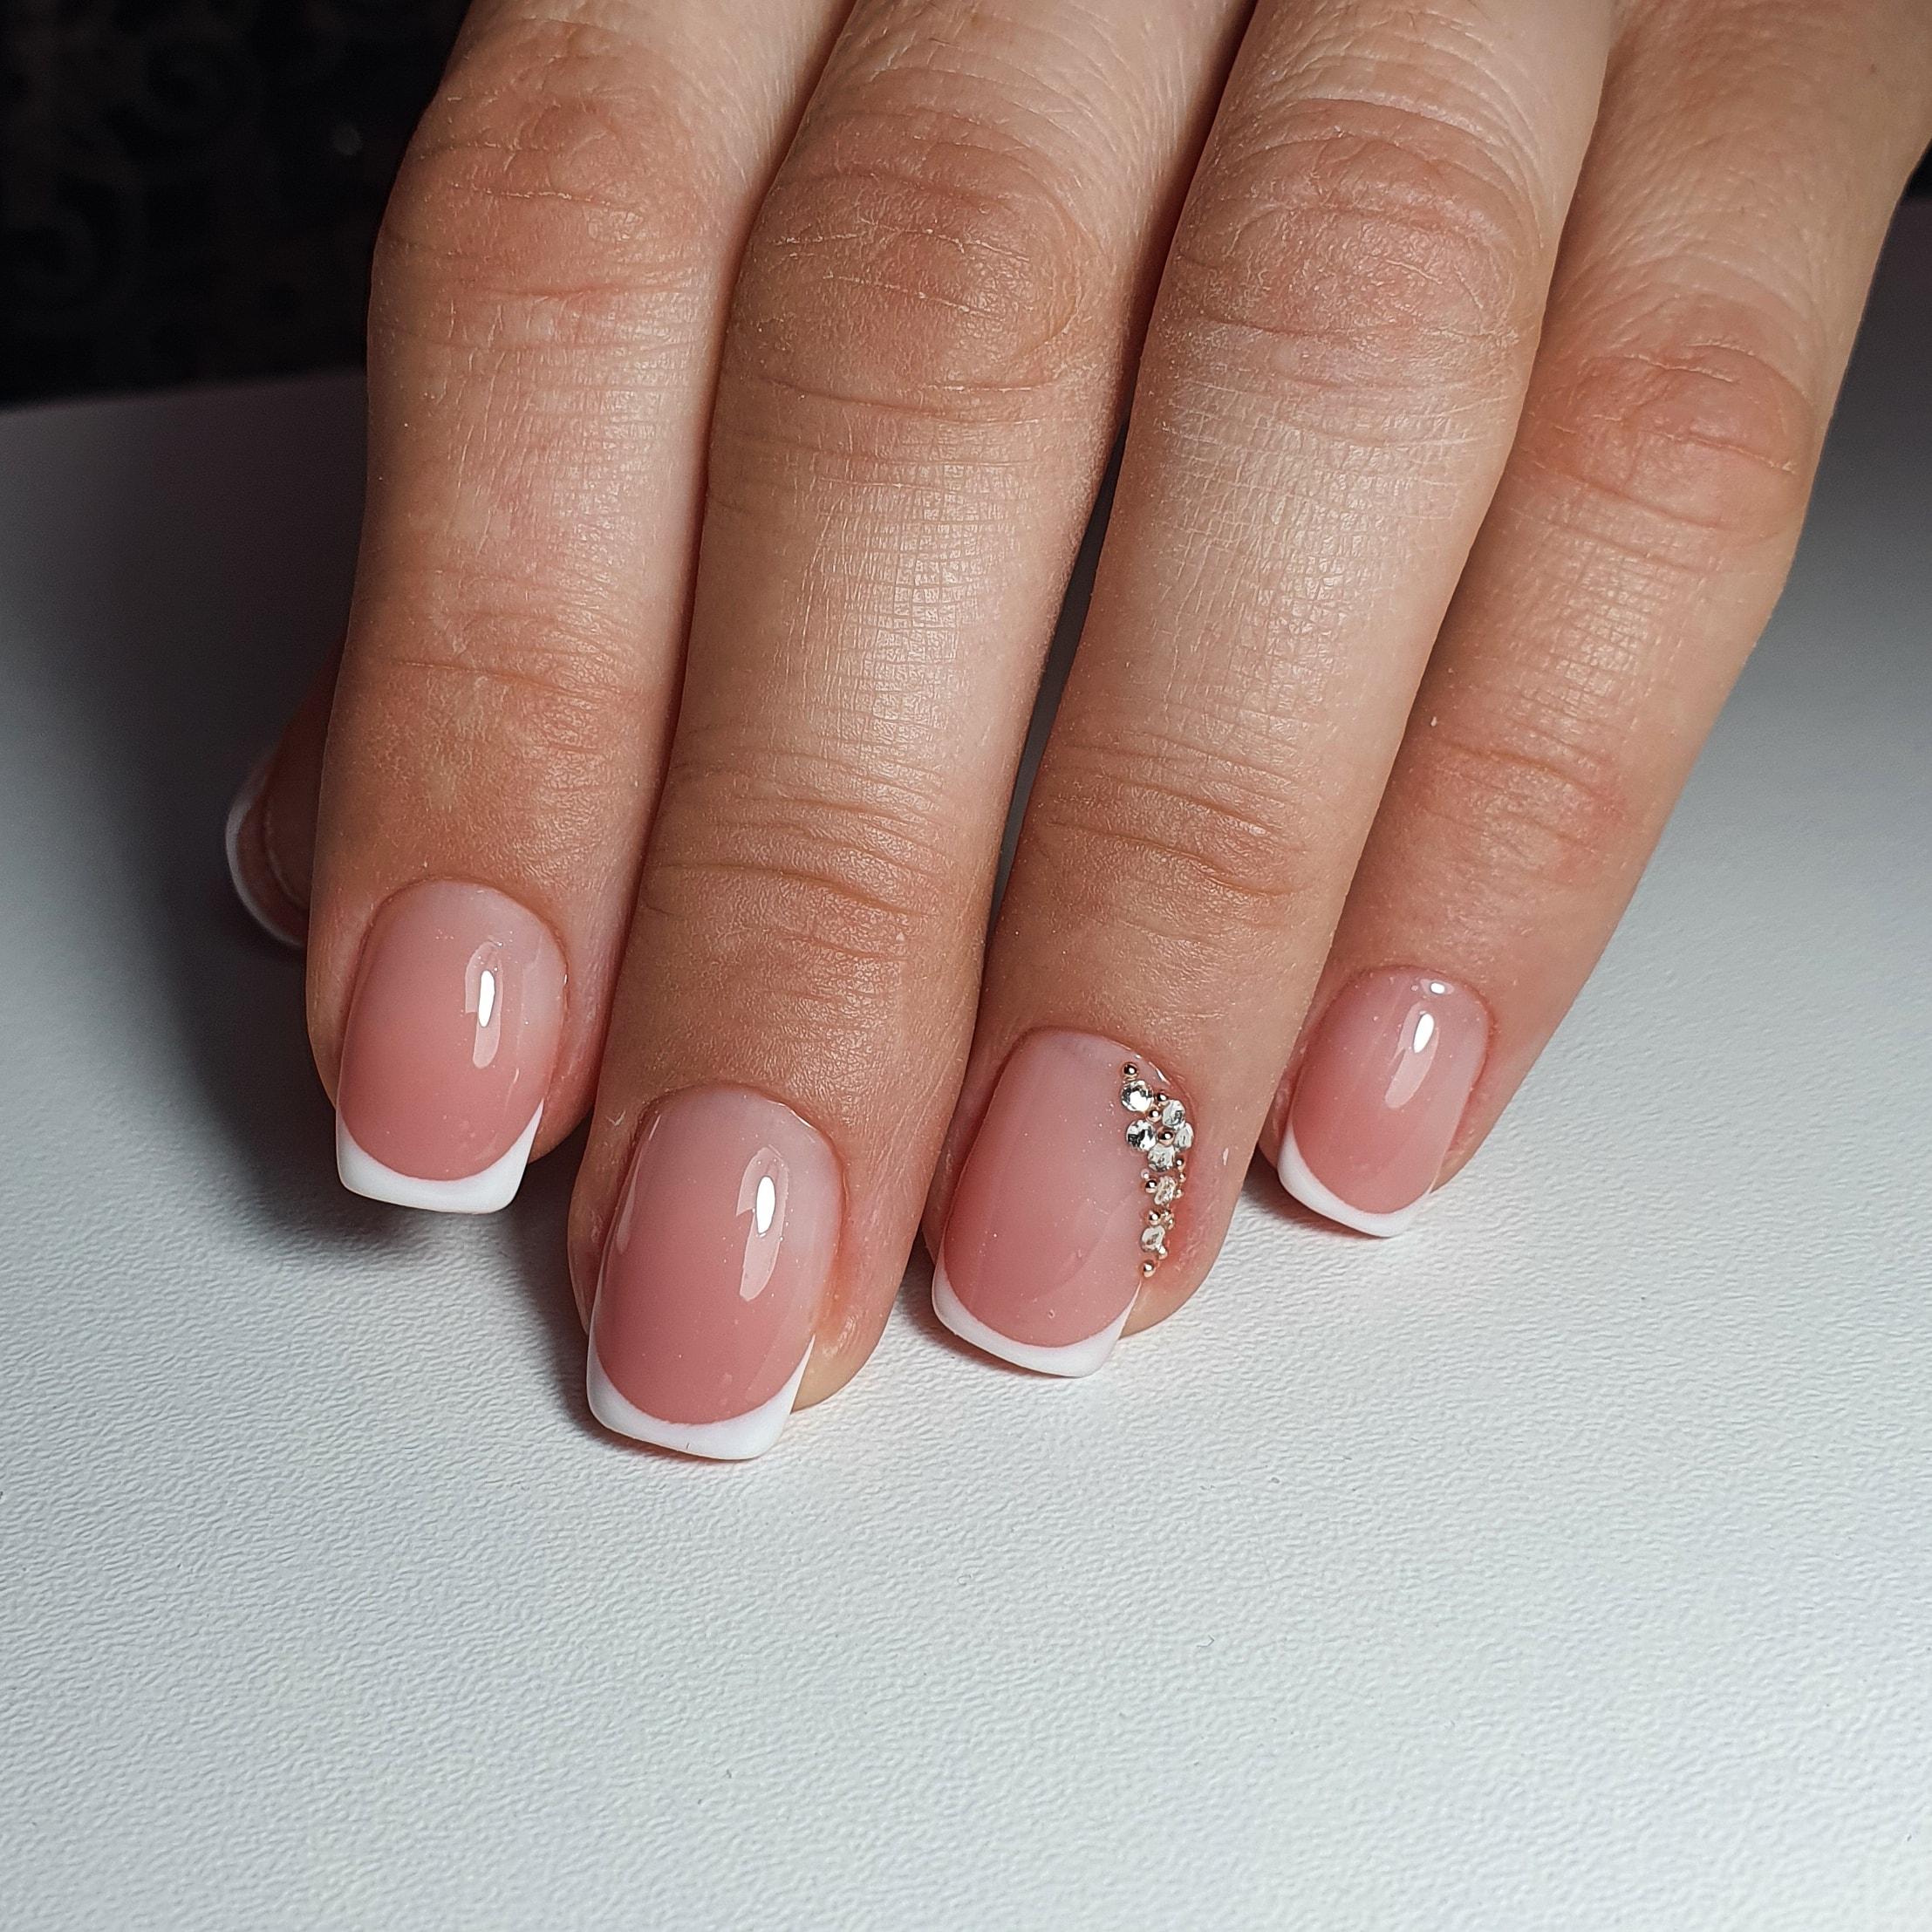 Французский маникюр со стразами на короткие ногти.